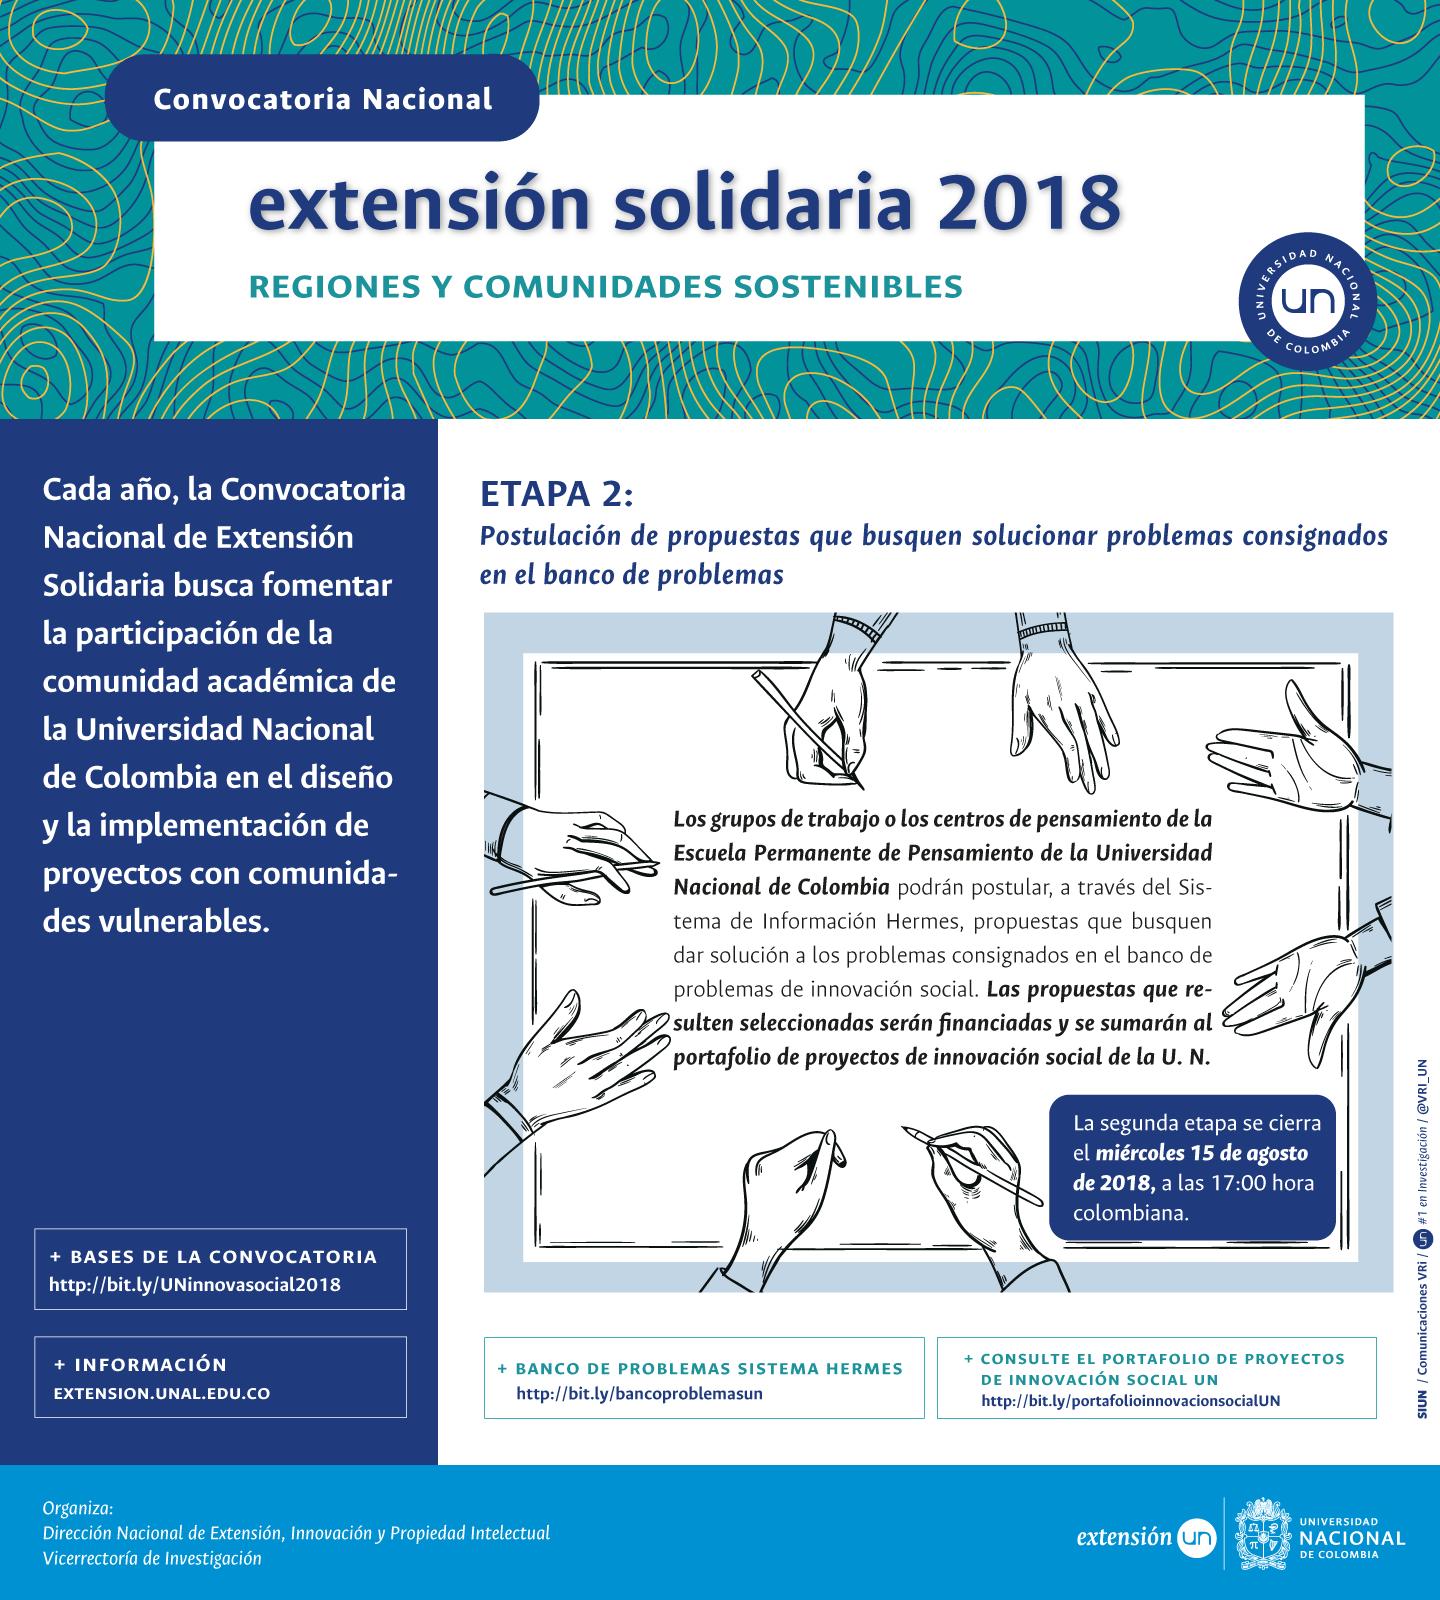 Quedan pocos días para postular soluciones innovadoras a los problemas del país en la Convocatoria Nacional de Extensión Solidaria 2018: «Regiones y Comunidades Sostenibles»